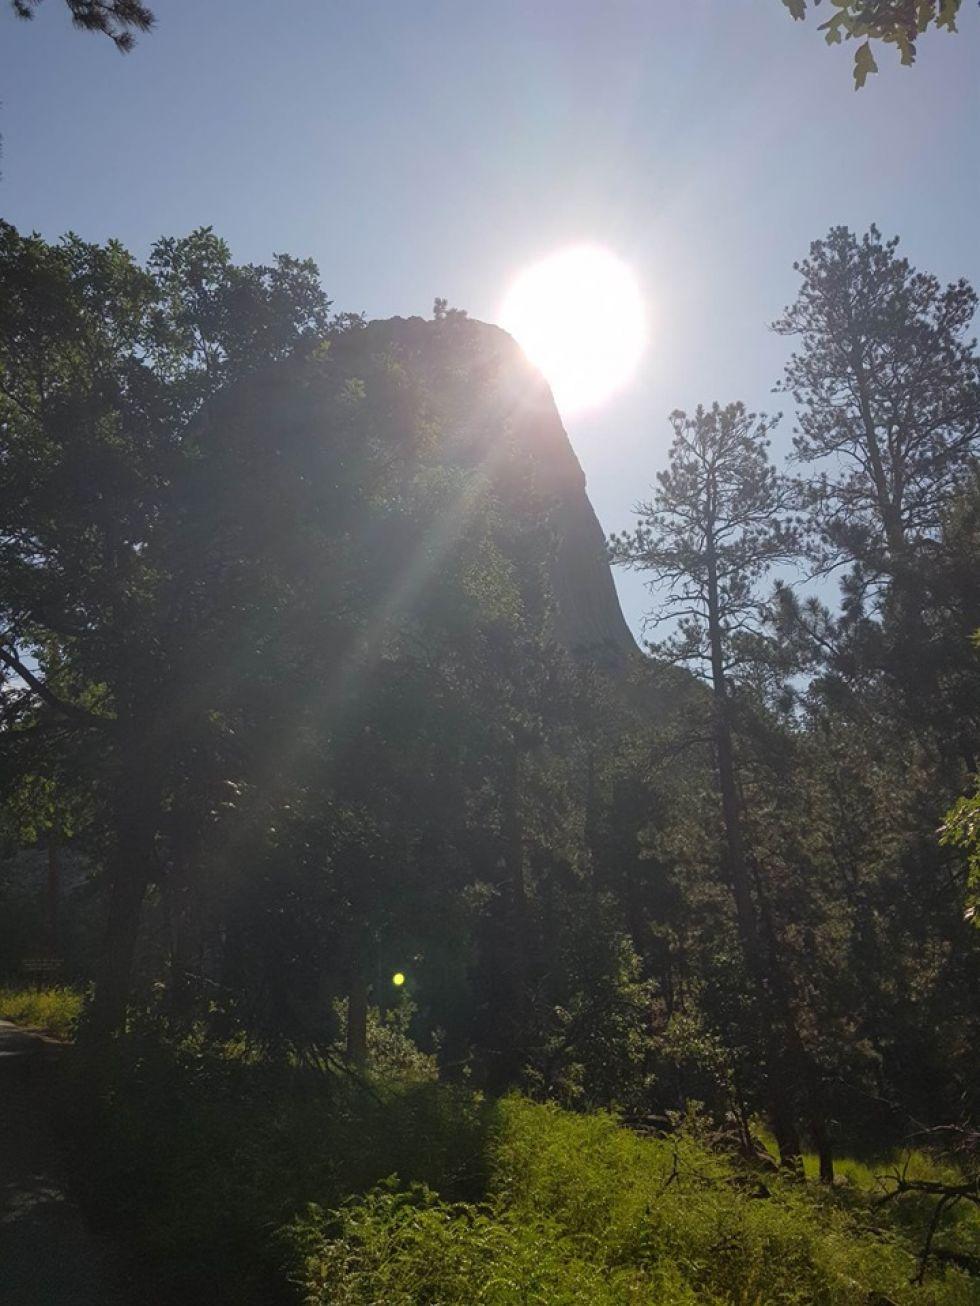 zachod slonca w gorach skalistych